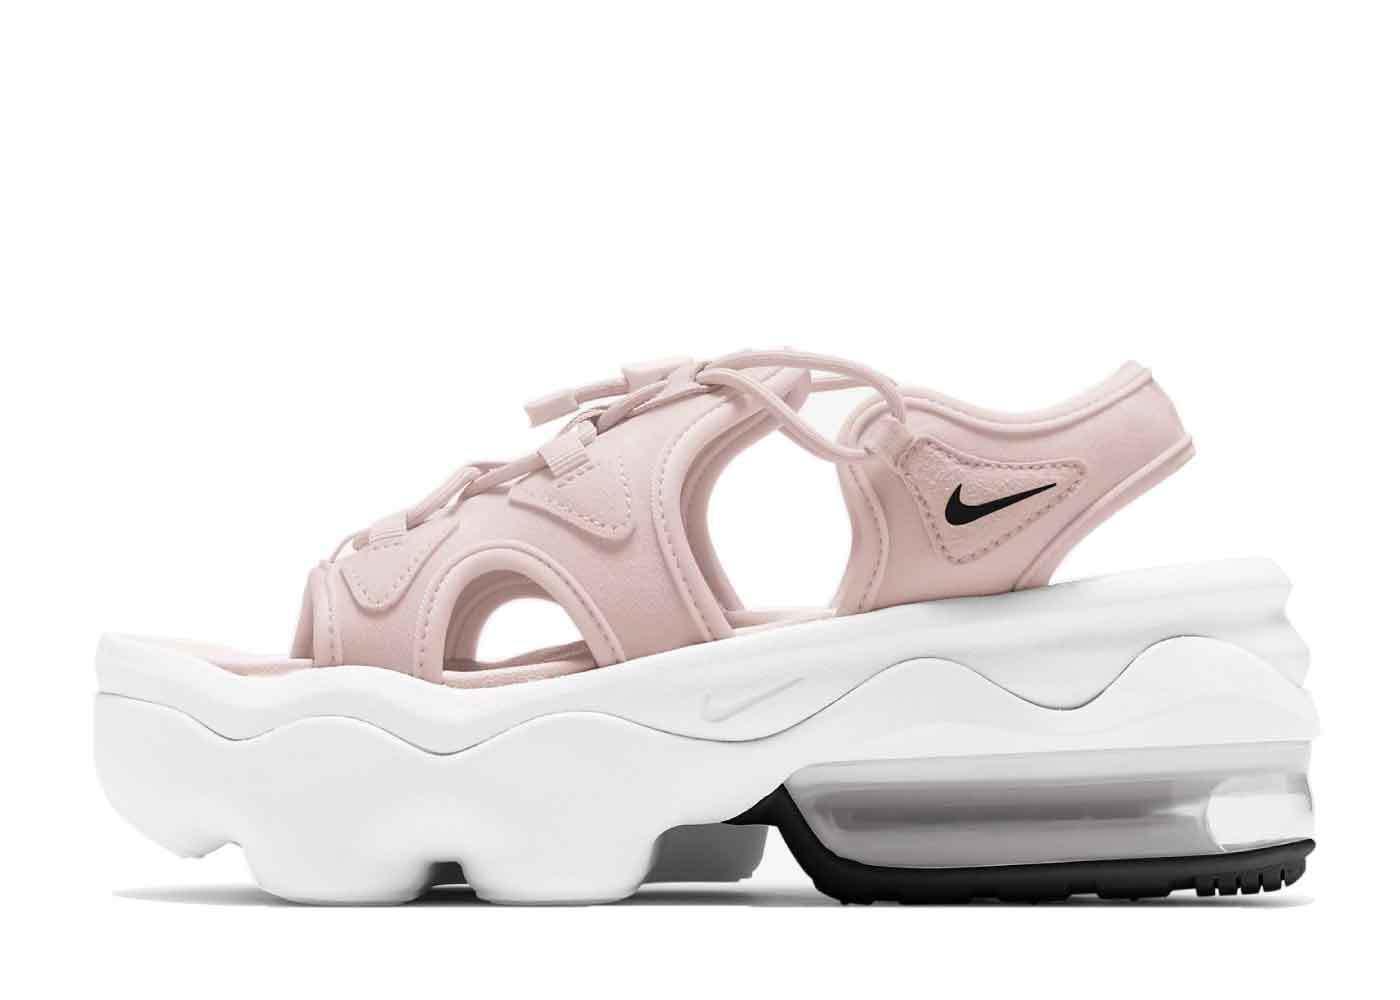 Nike Air Max Koko Sandal Barely Rose Womensの写真